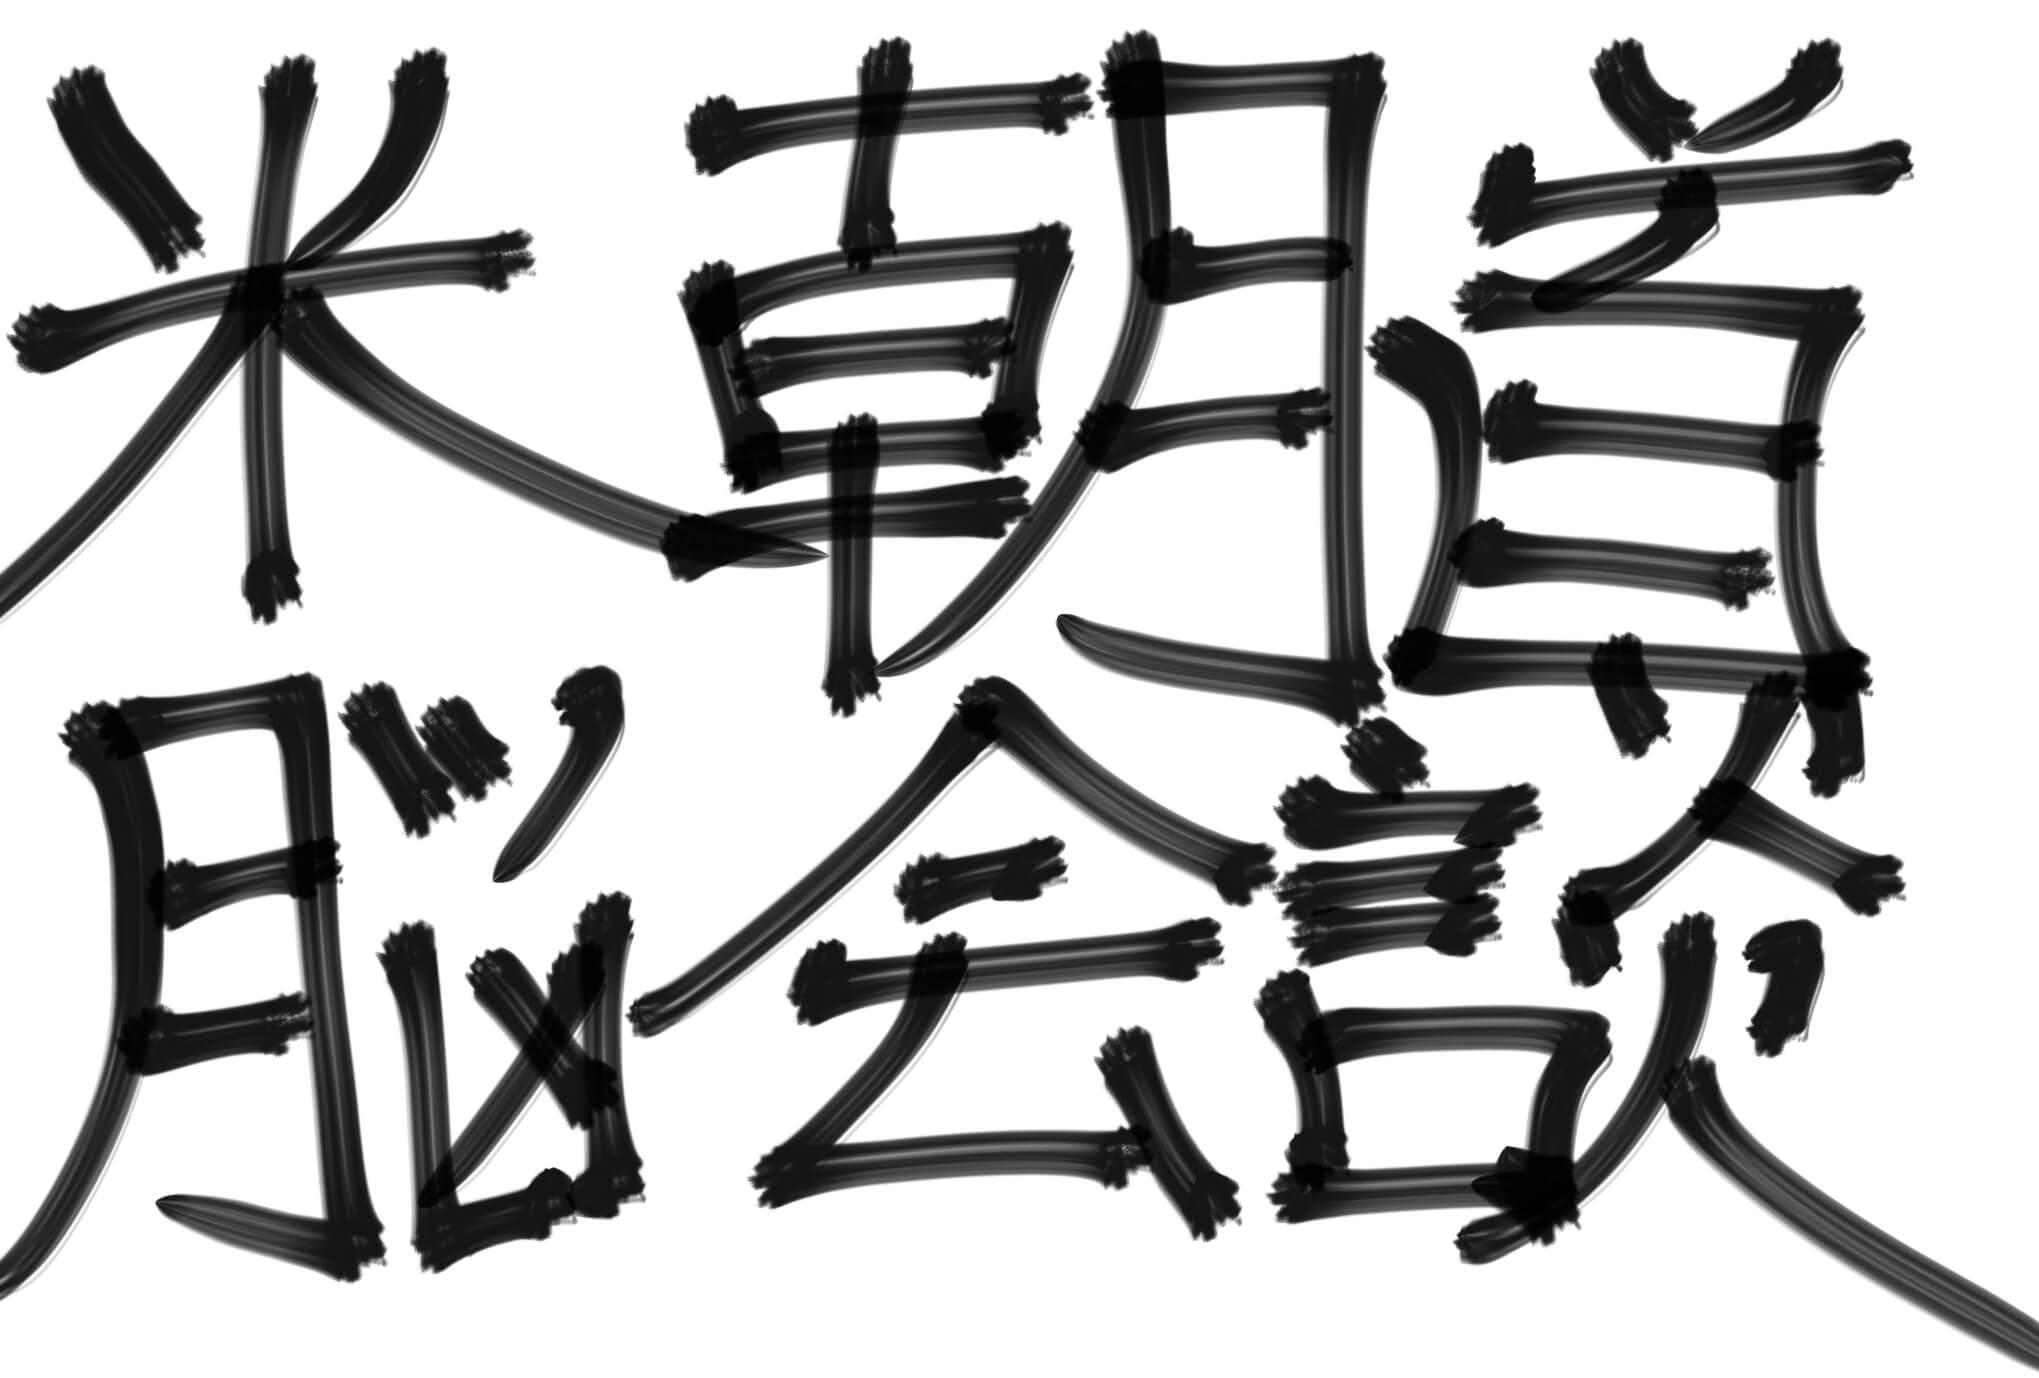 板門店,米朝首脳会談,トランプ,文在寅,金正恩,DMZ,朝鮮半島,韓国,北朝鮮,外交,